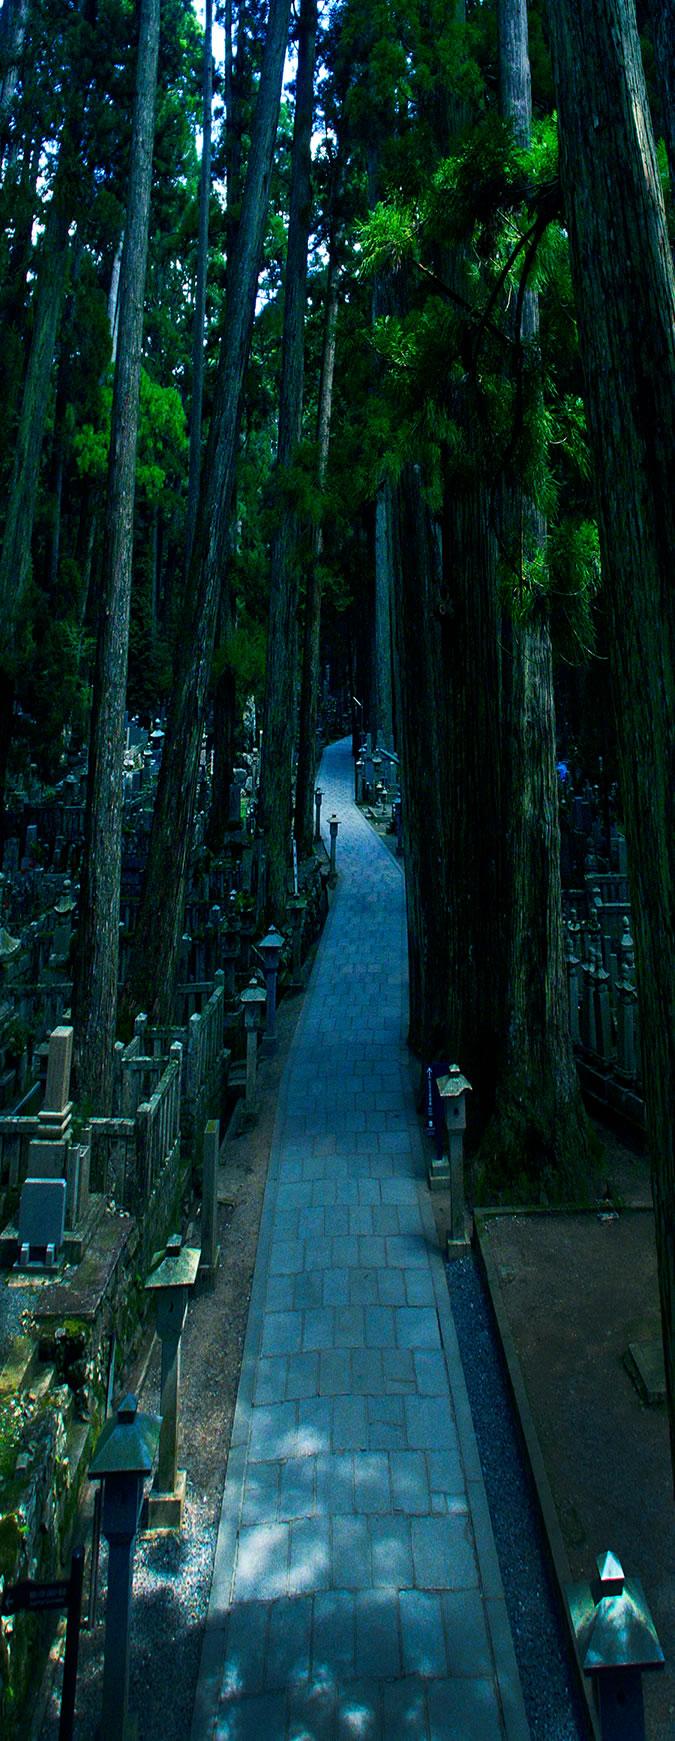 総本山金剛峯寺 高野山中之橋霊園|霊峰・高野山に抱かれた永遠の聖地